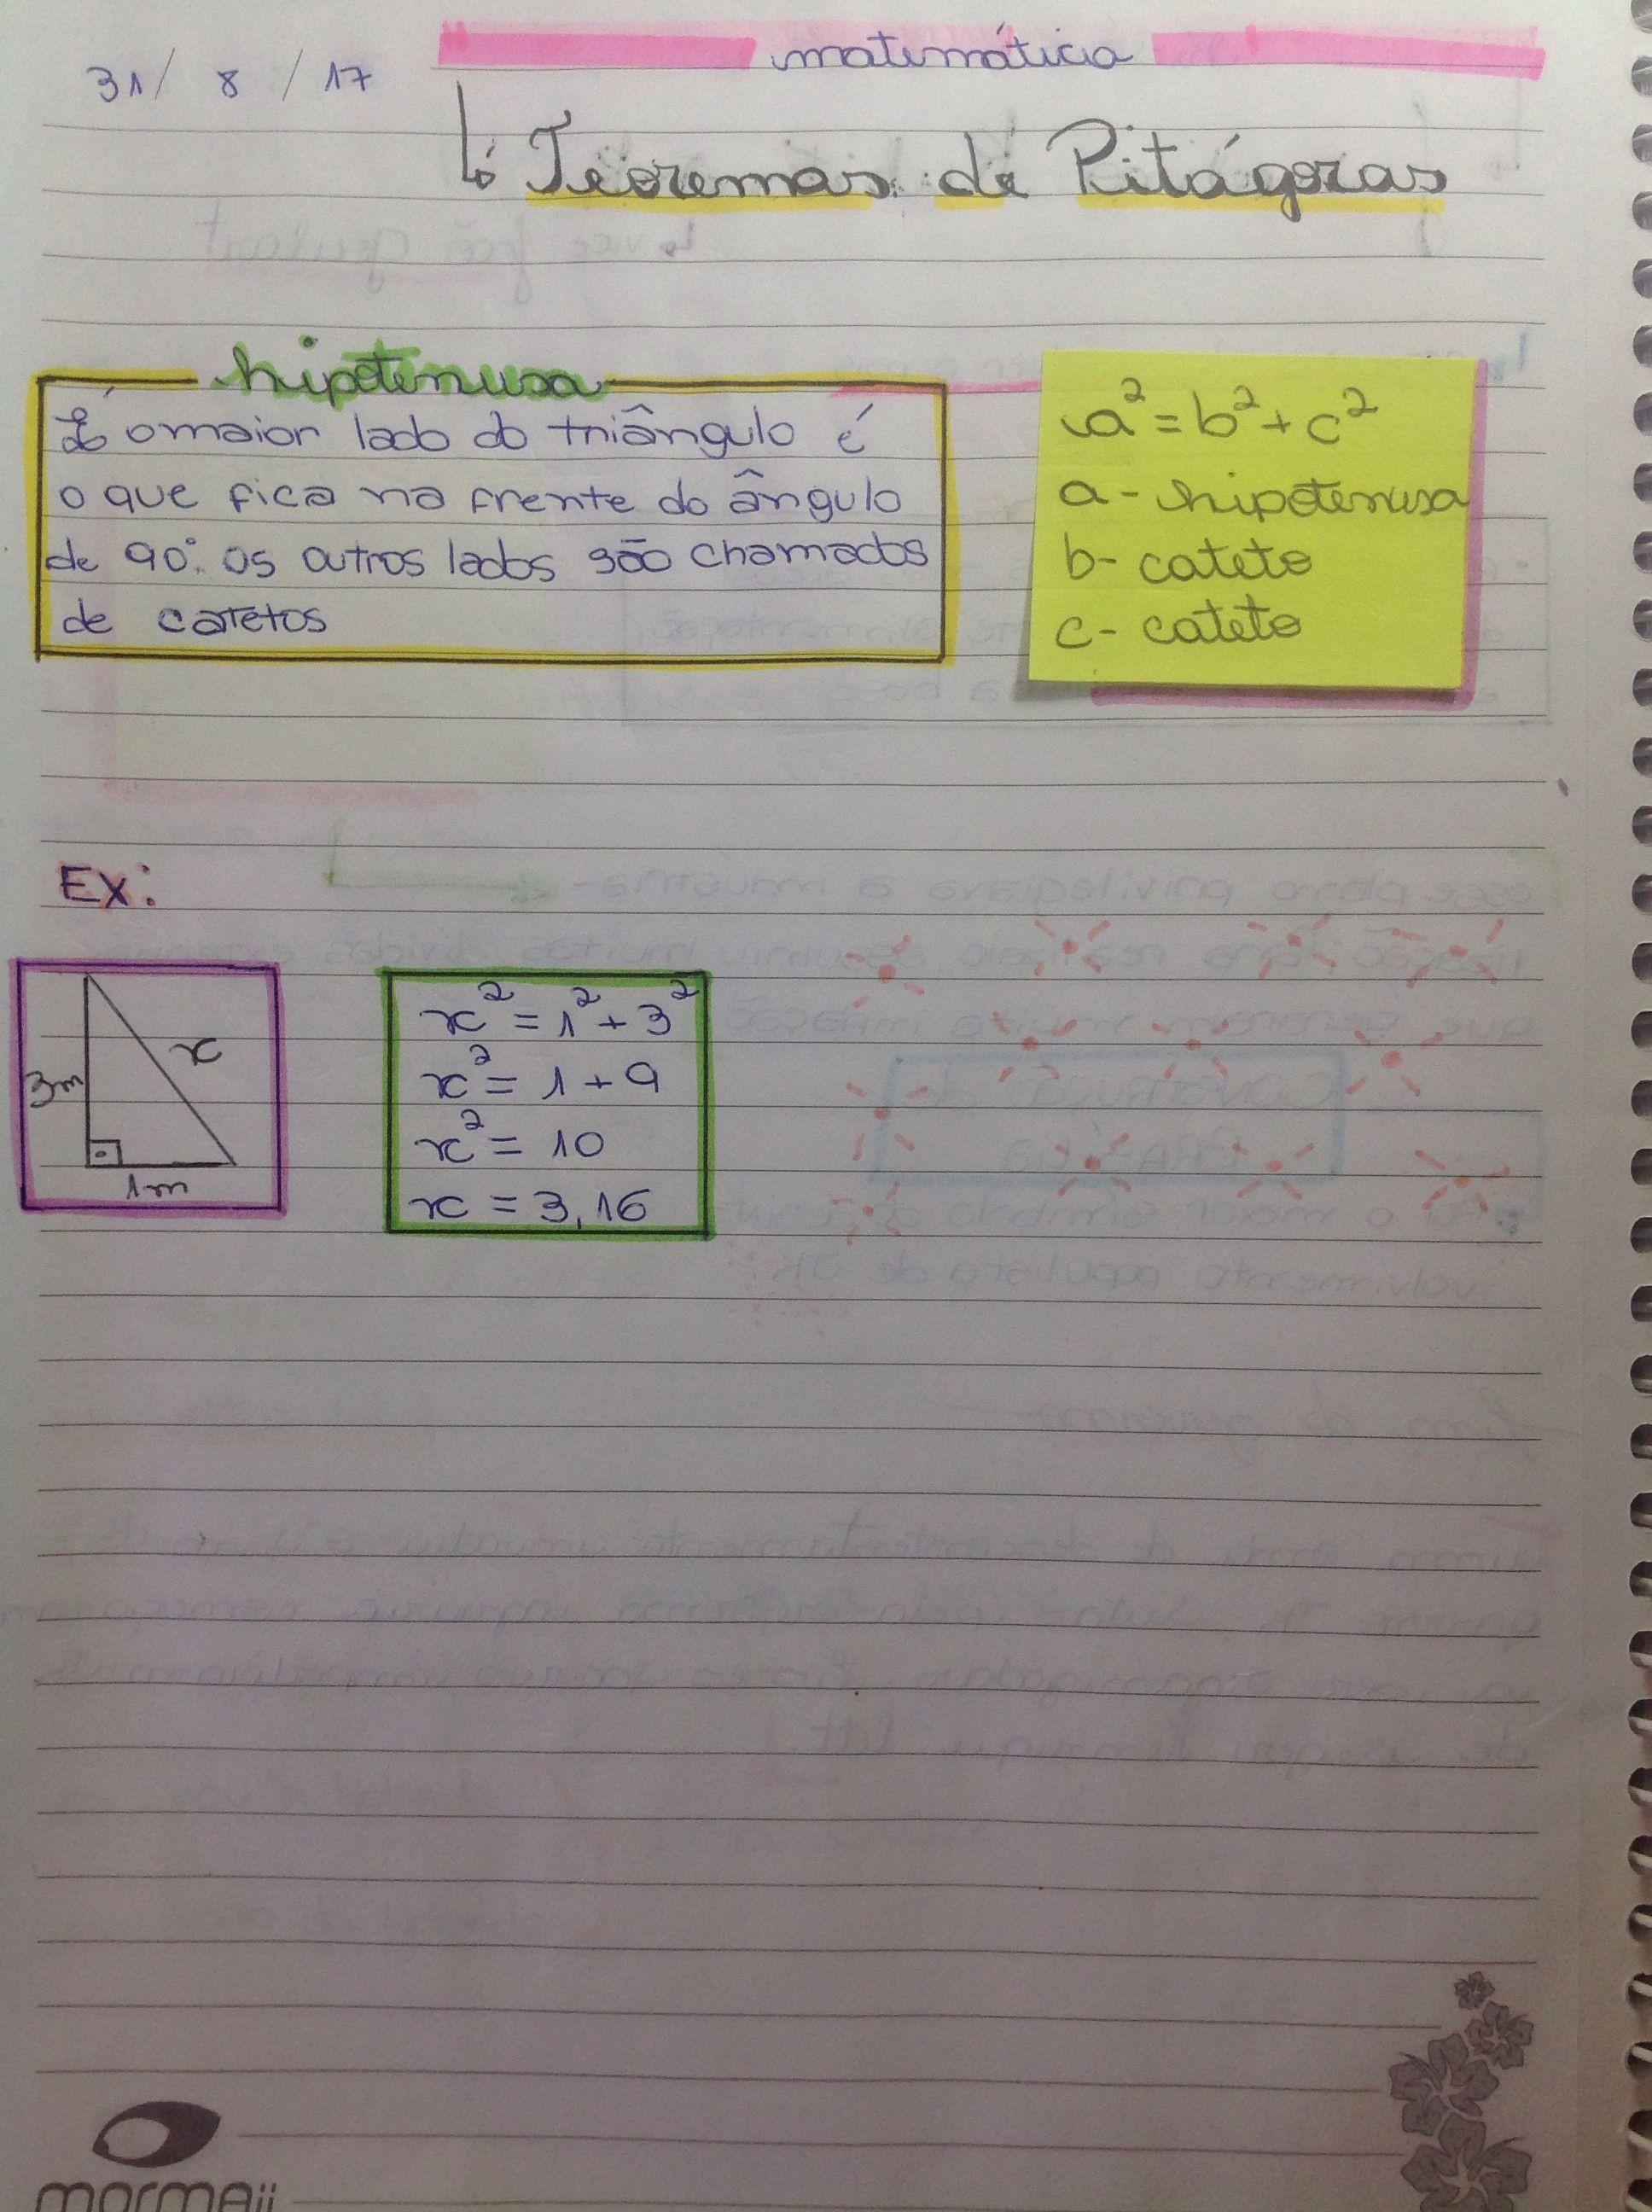 Resumo de matemática sobre o Teorema de Pitagoras